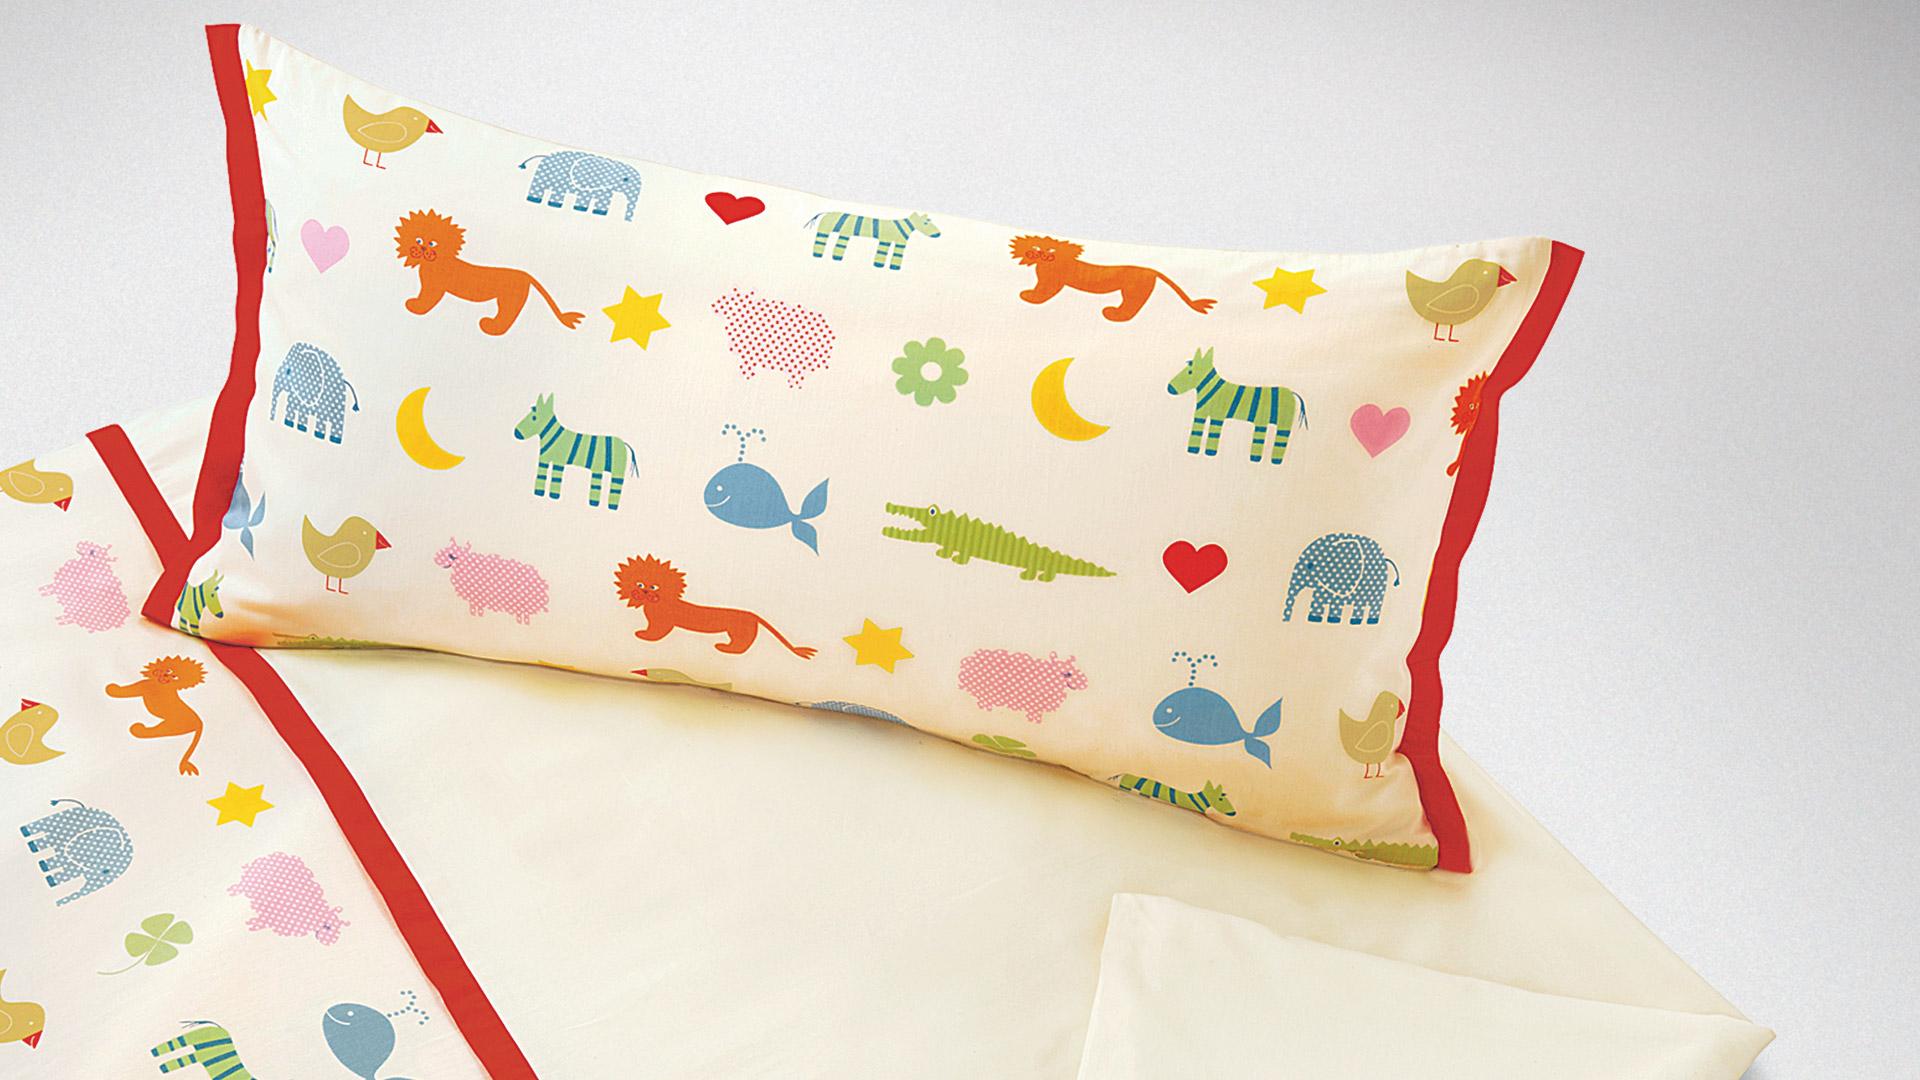 Eitelkeit Kinderbettwäsche Ideen Von Fröhliche Kinder-bettwäsche Mit Lustigen Tiermotiven